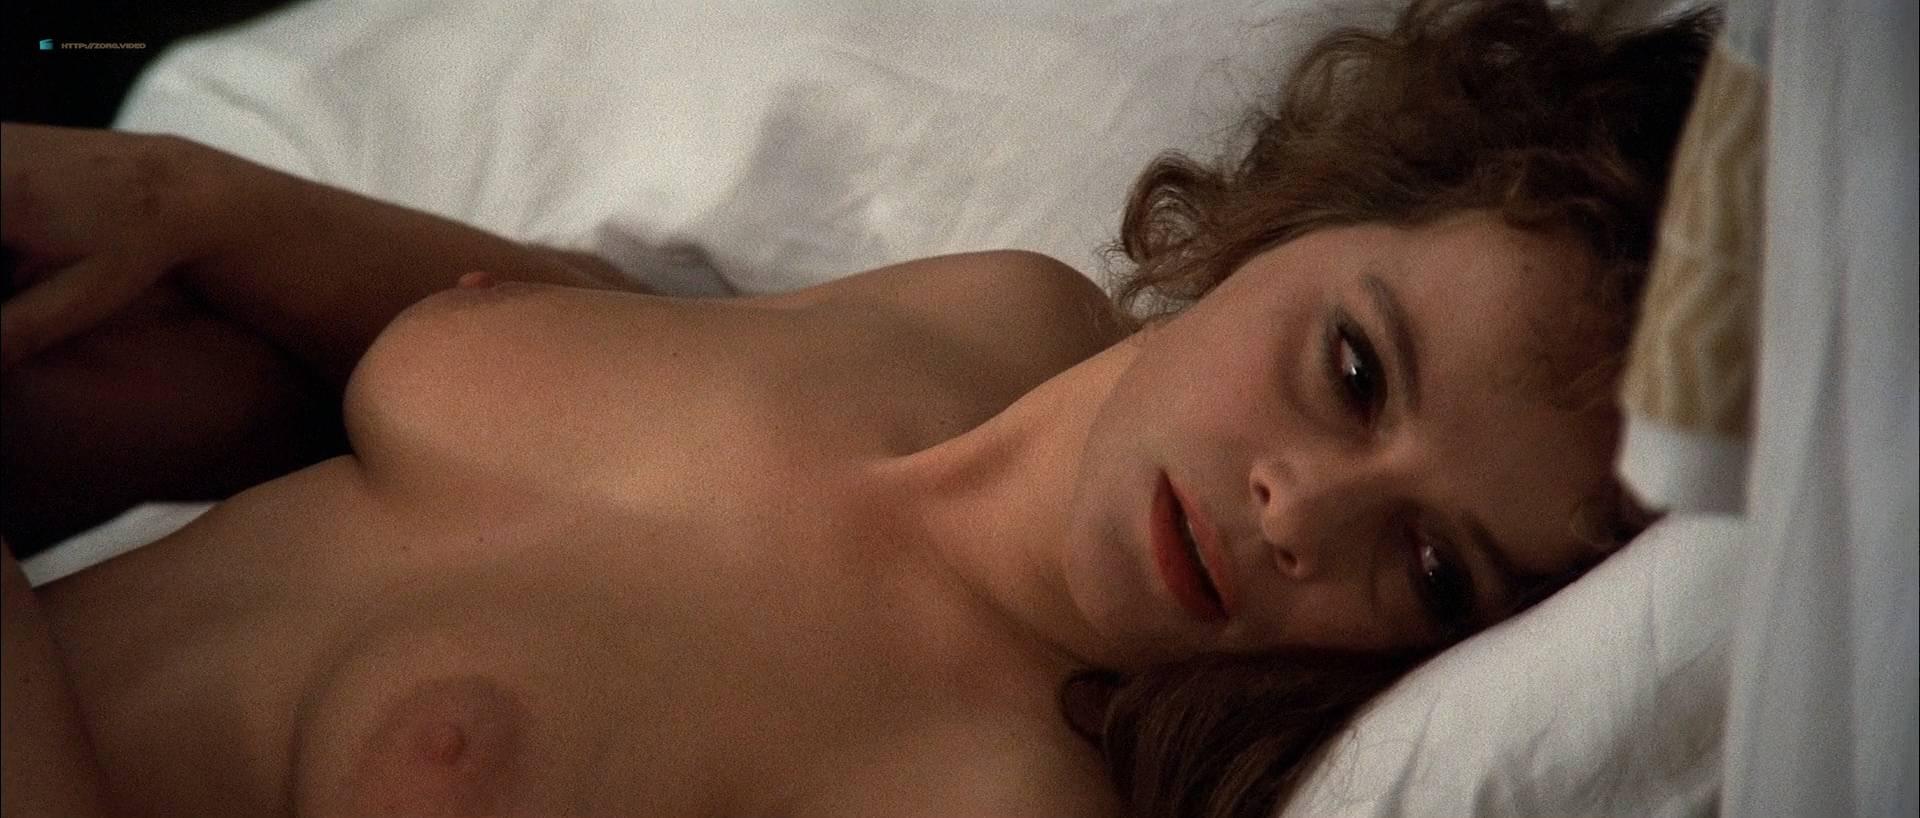 Laura Antonelli nude bush and topless - L'innocente (IT-1976) HD 1080p BluRay (14)